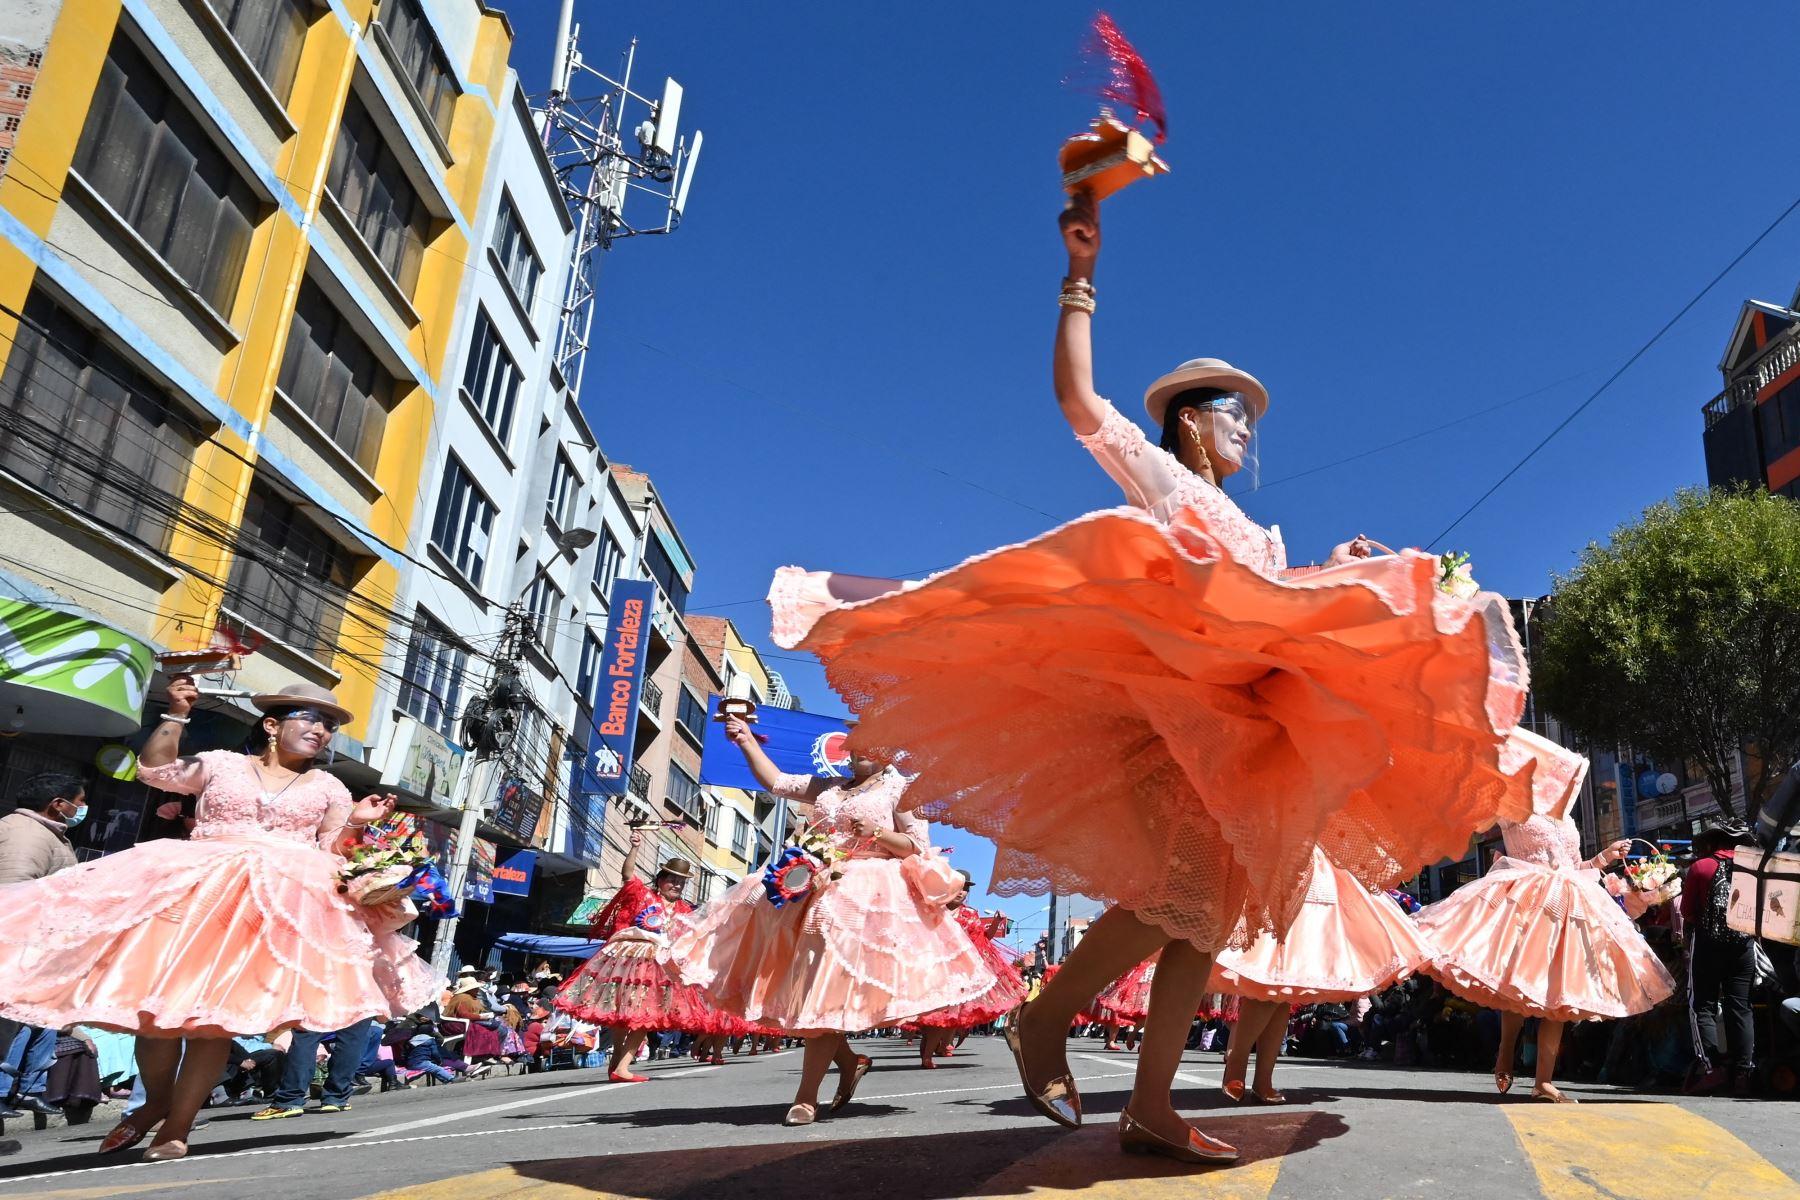 Bolivianos retoman fiestas folclóricas tras más de un año